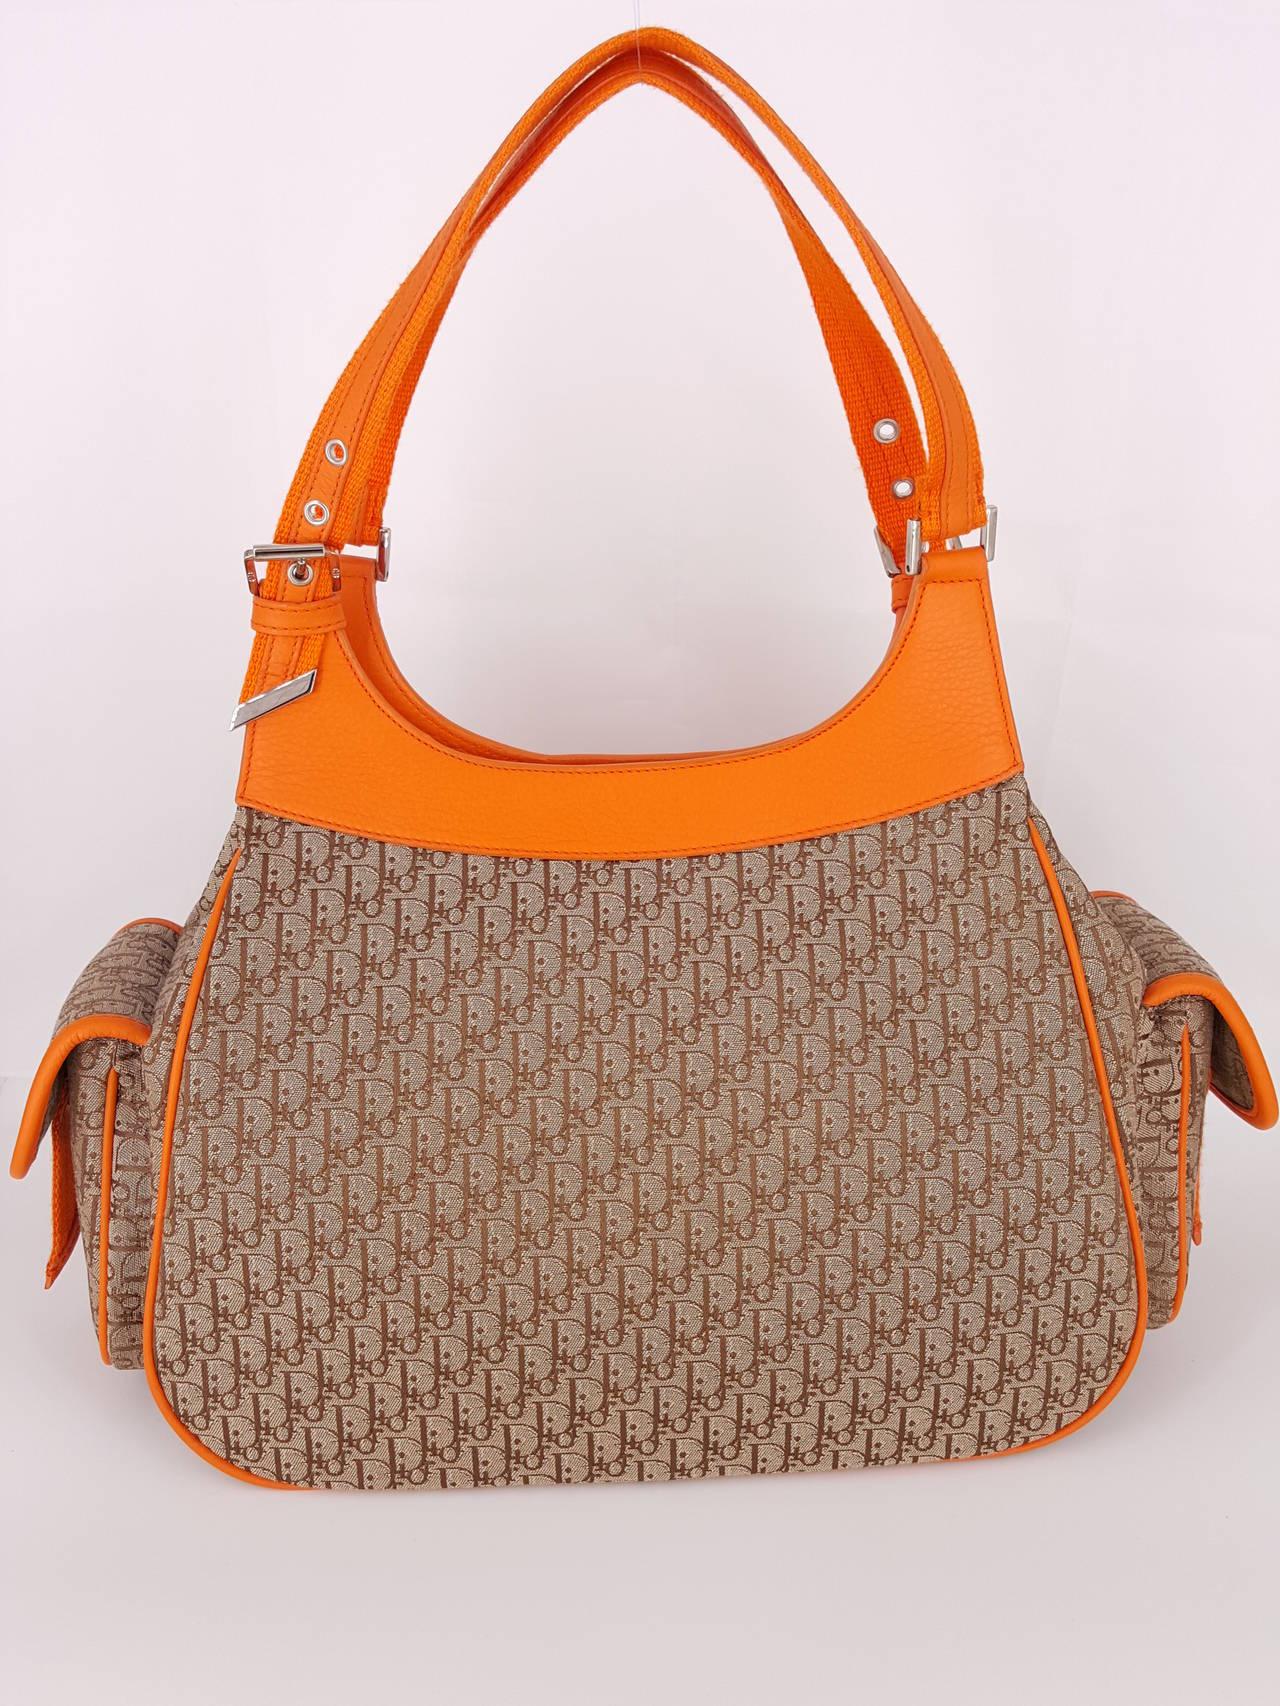 Dior Dior Fun diorissimo Shoulder Bag In Orange And Dior Logo Fabric wKO3Bc